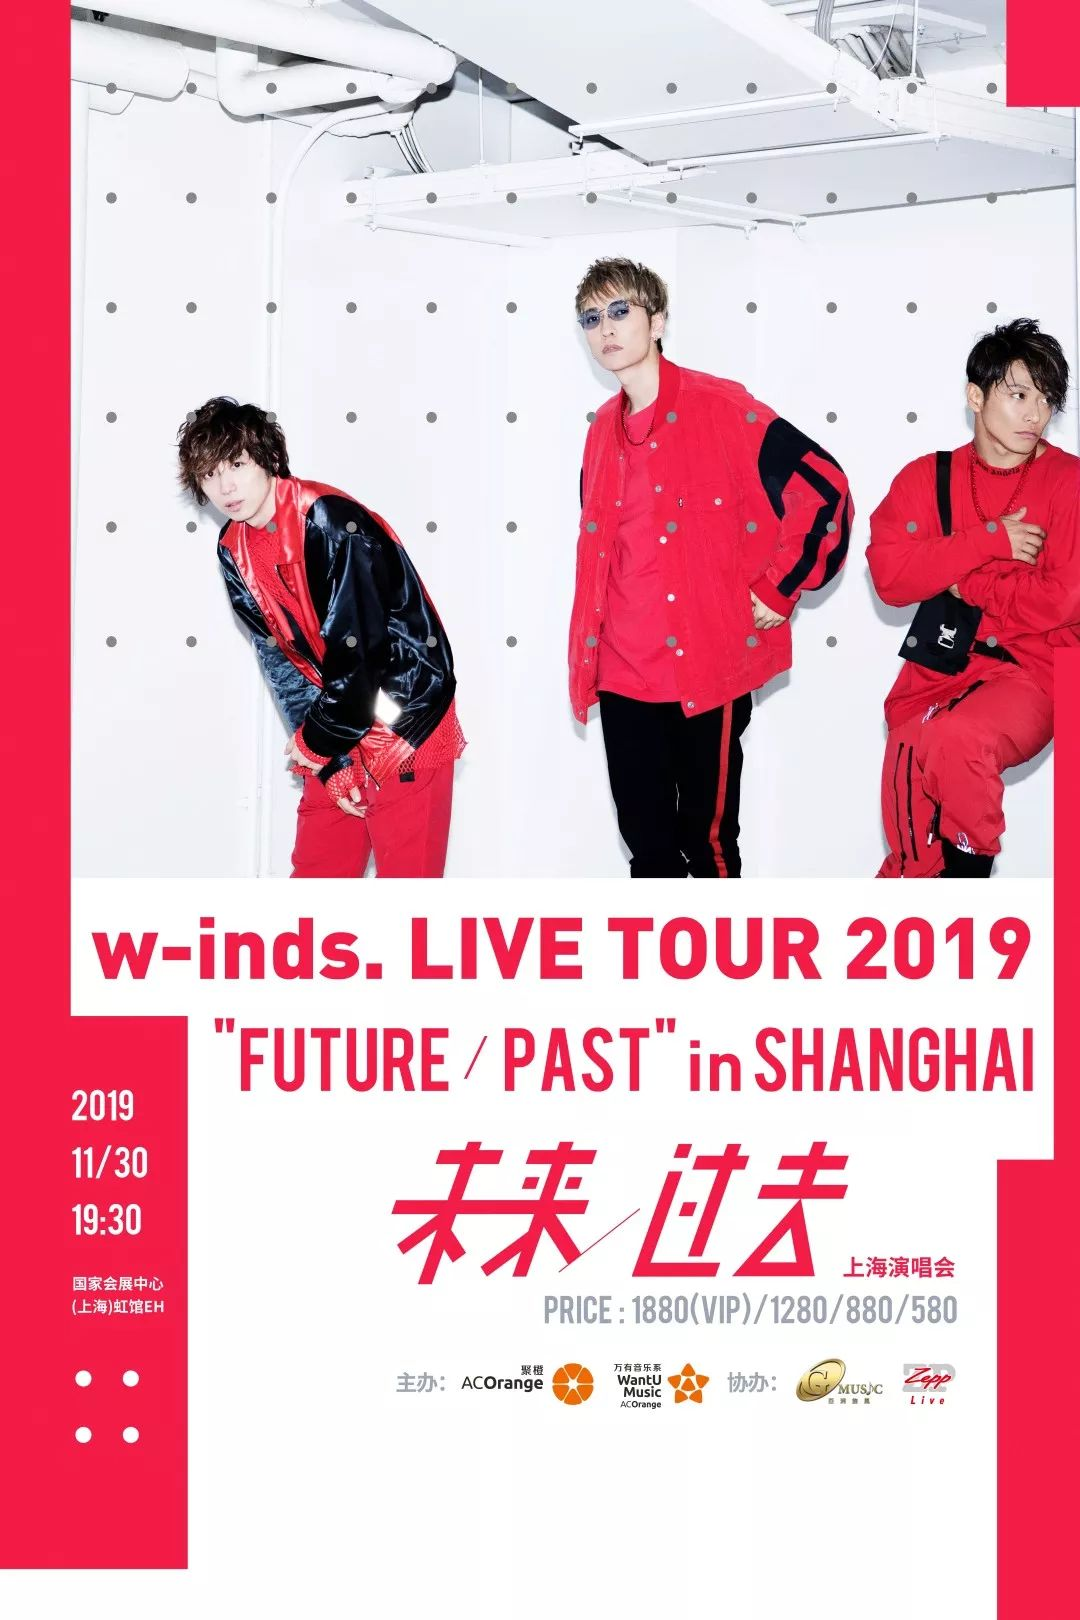 全网预售 | w-inds. 2019演唱会上海站,未来有你·过去仍在!